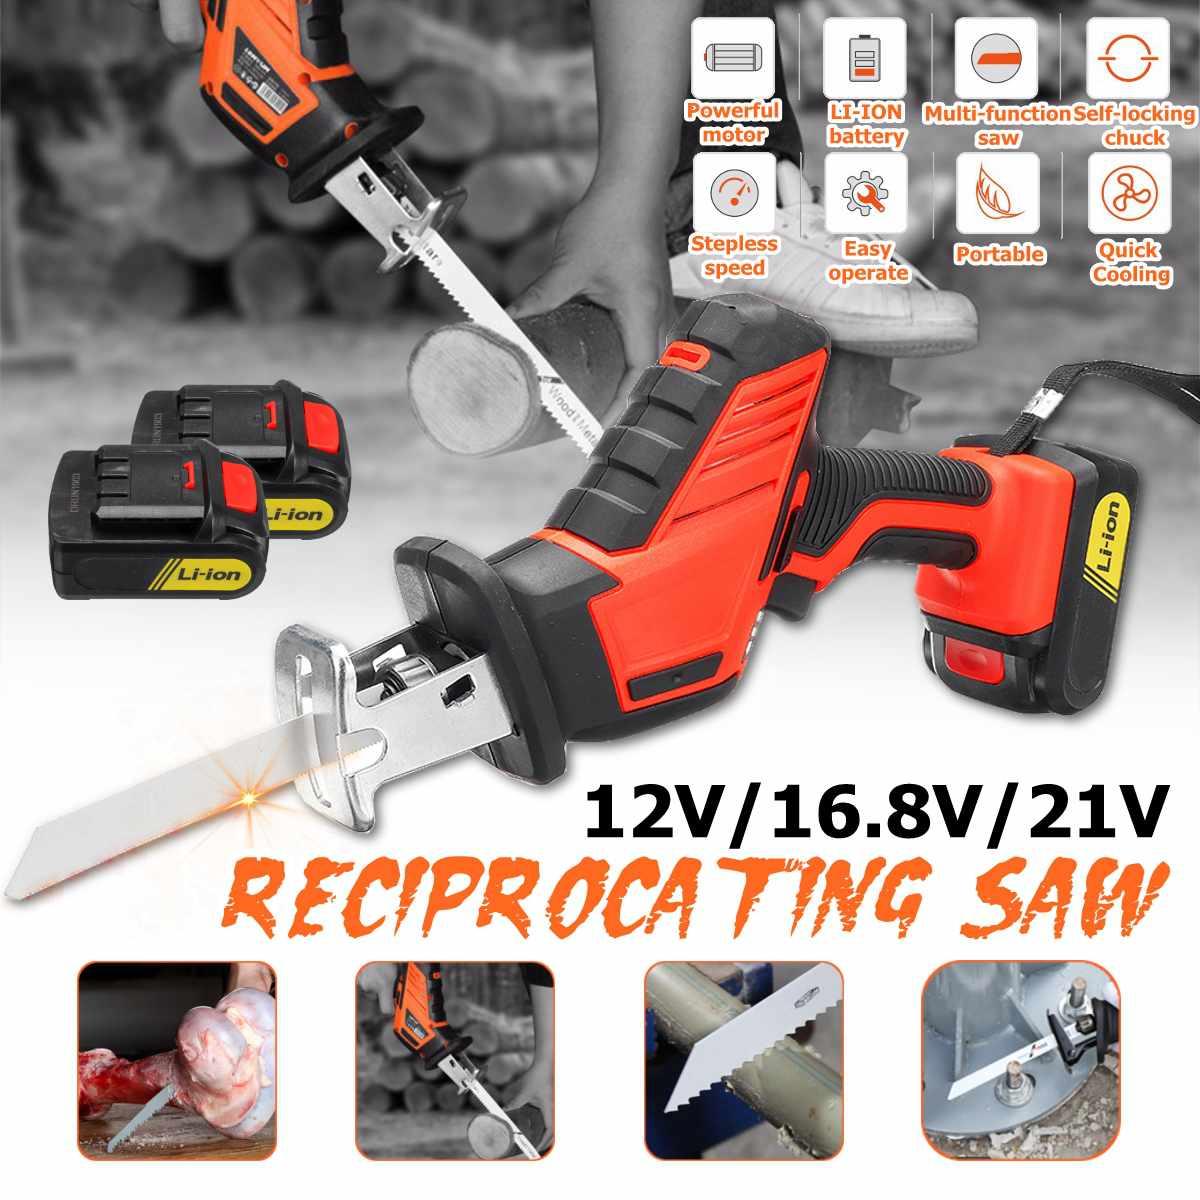 12 v/16.8 v/21 v serras reciprocating sabre viu ferramentas elétricas elétricas sem fio portátil jig viu com 2 pces bateria de lítio recarregável